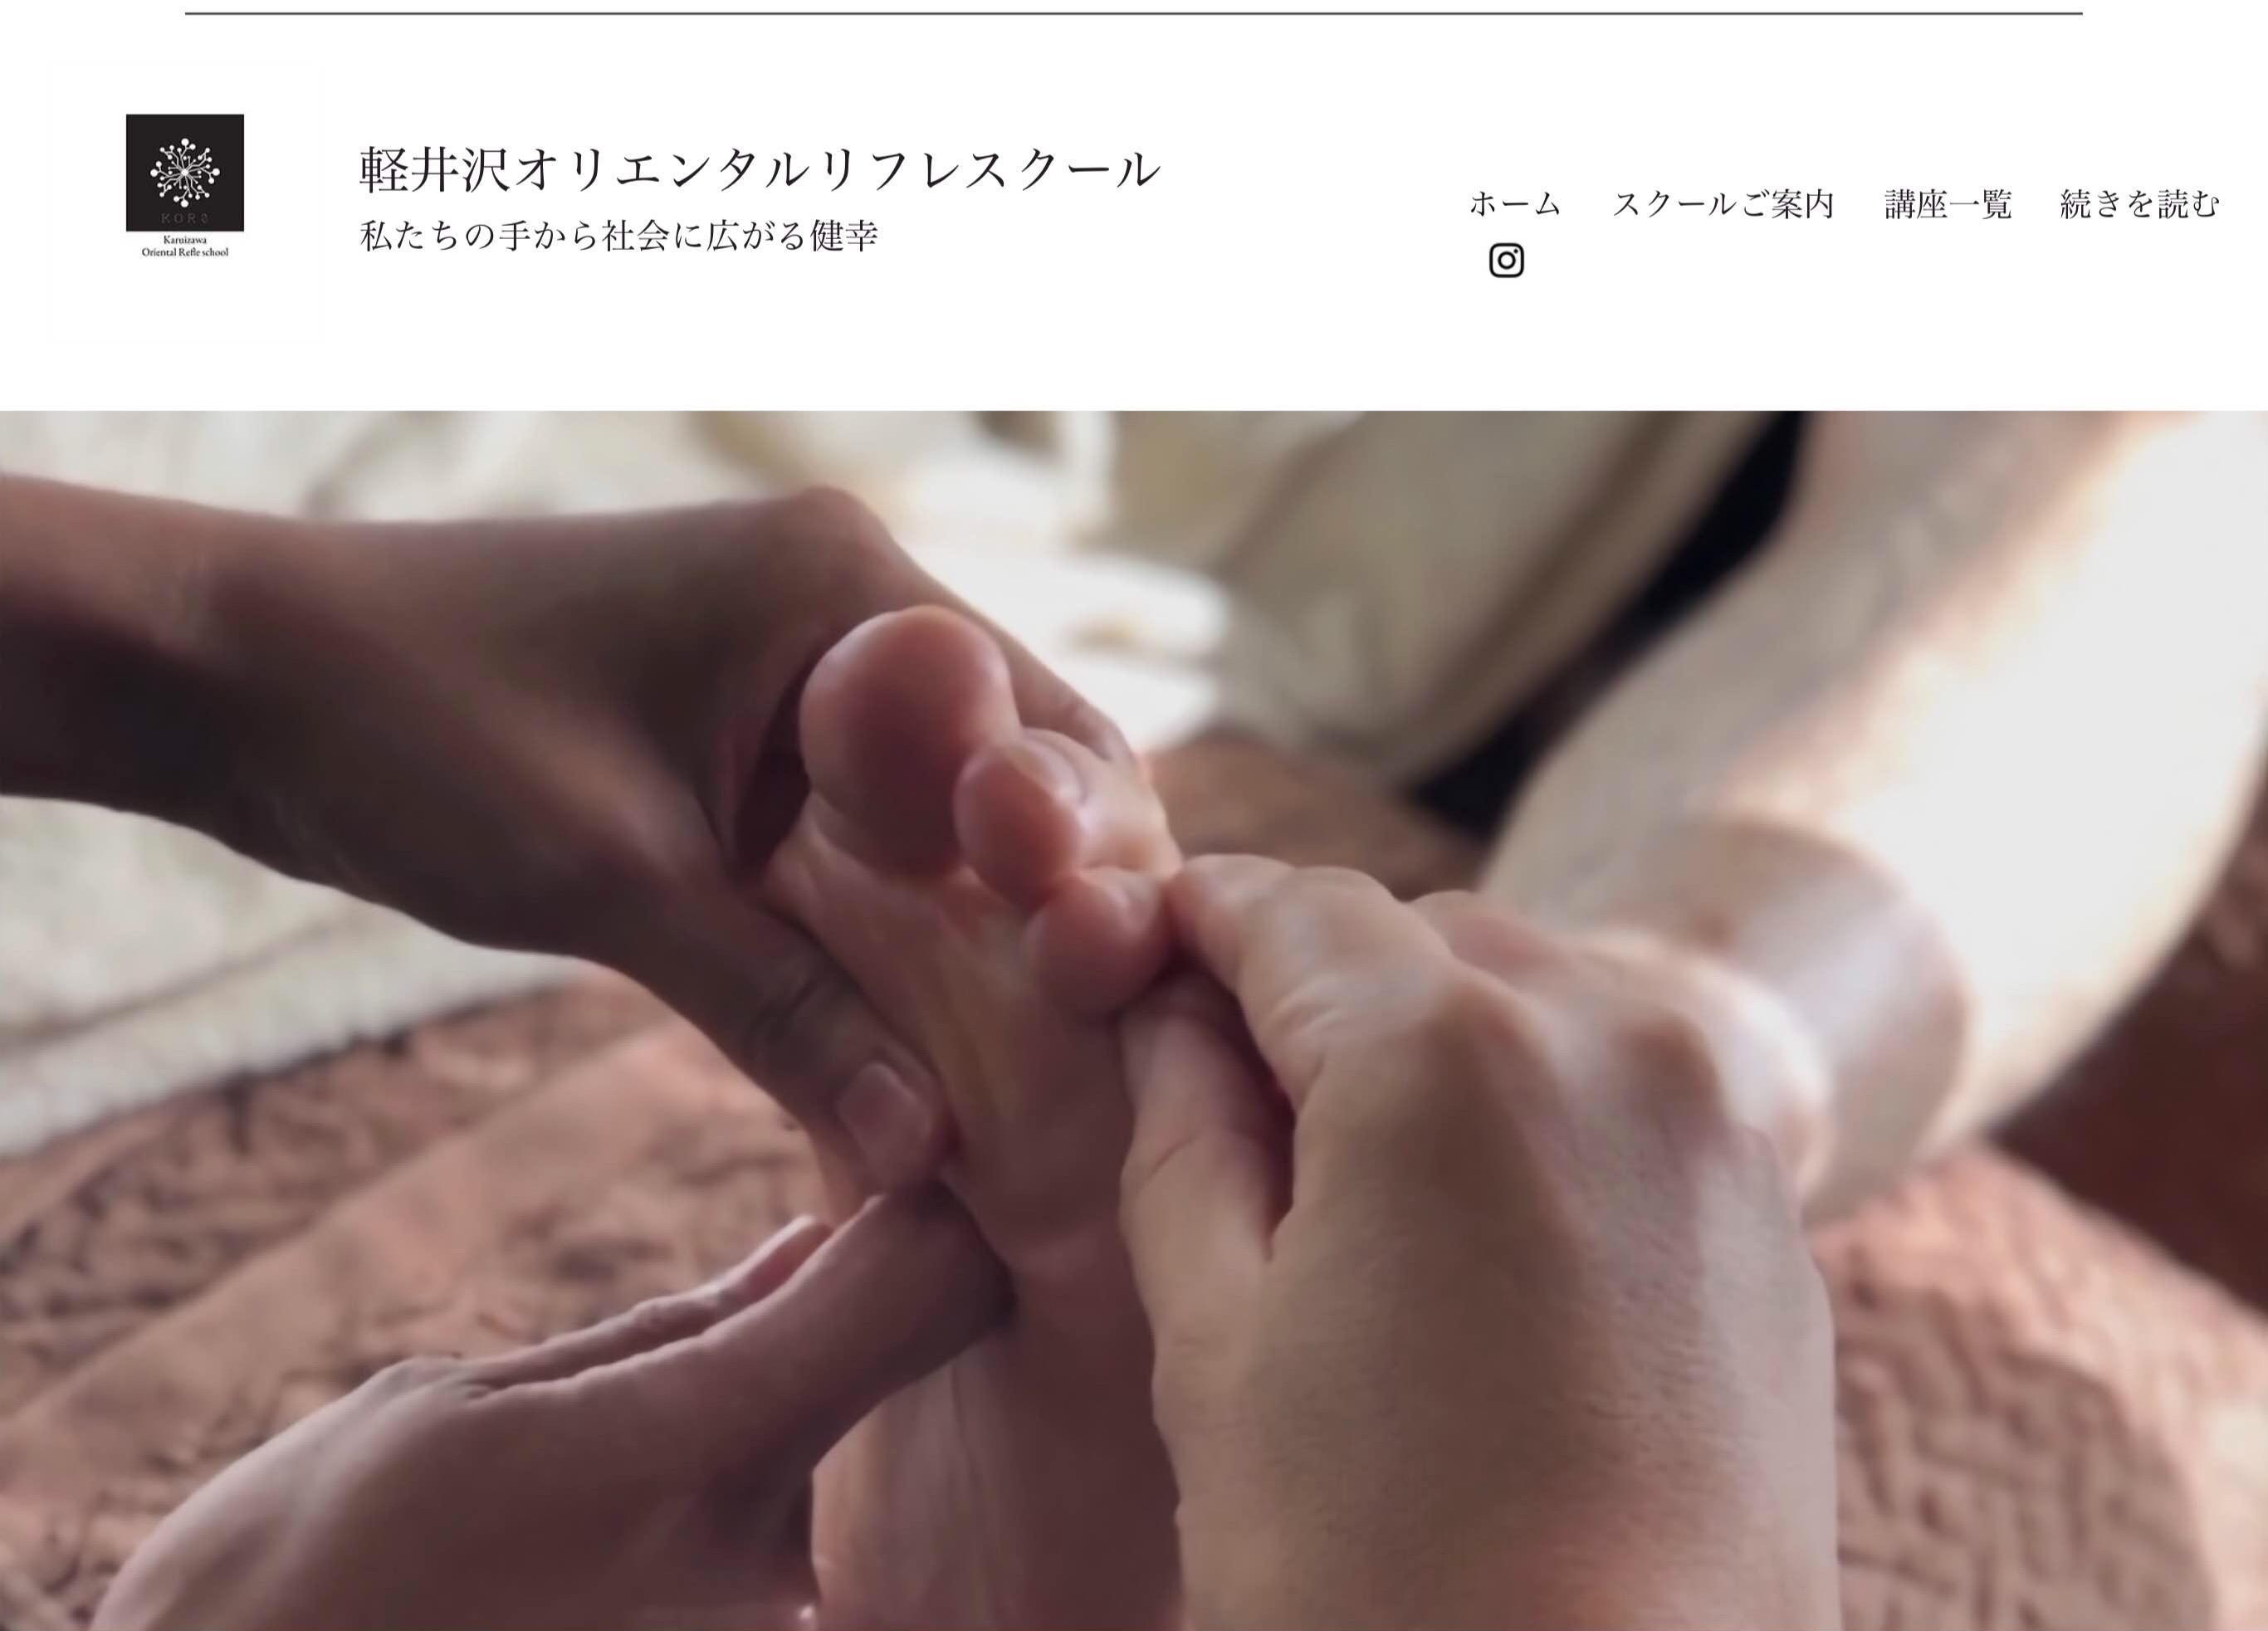 軽井沢オリエンタルリフレスクール